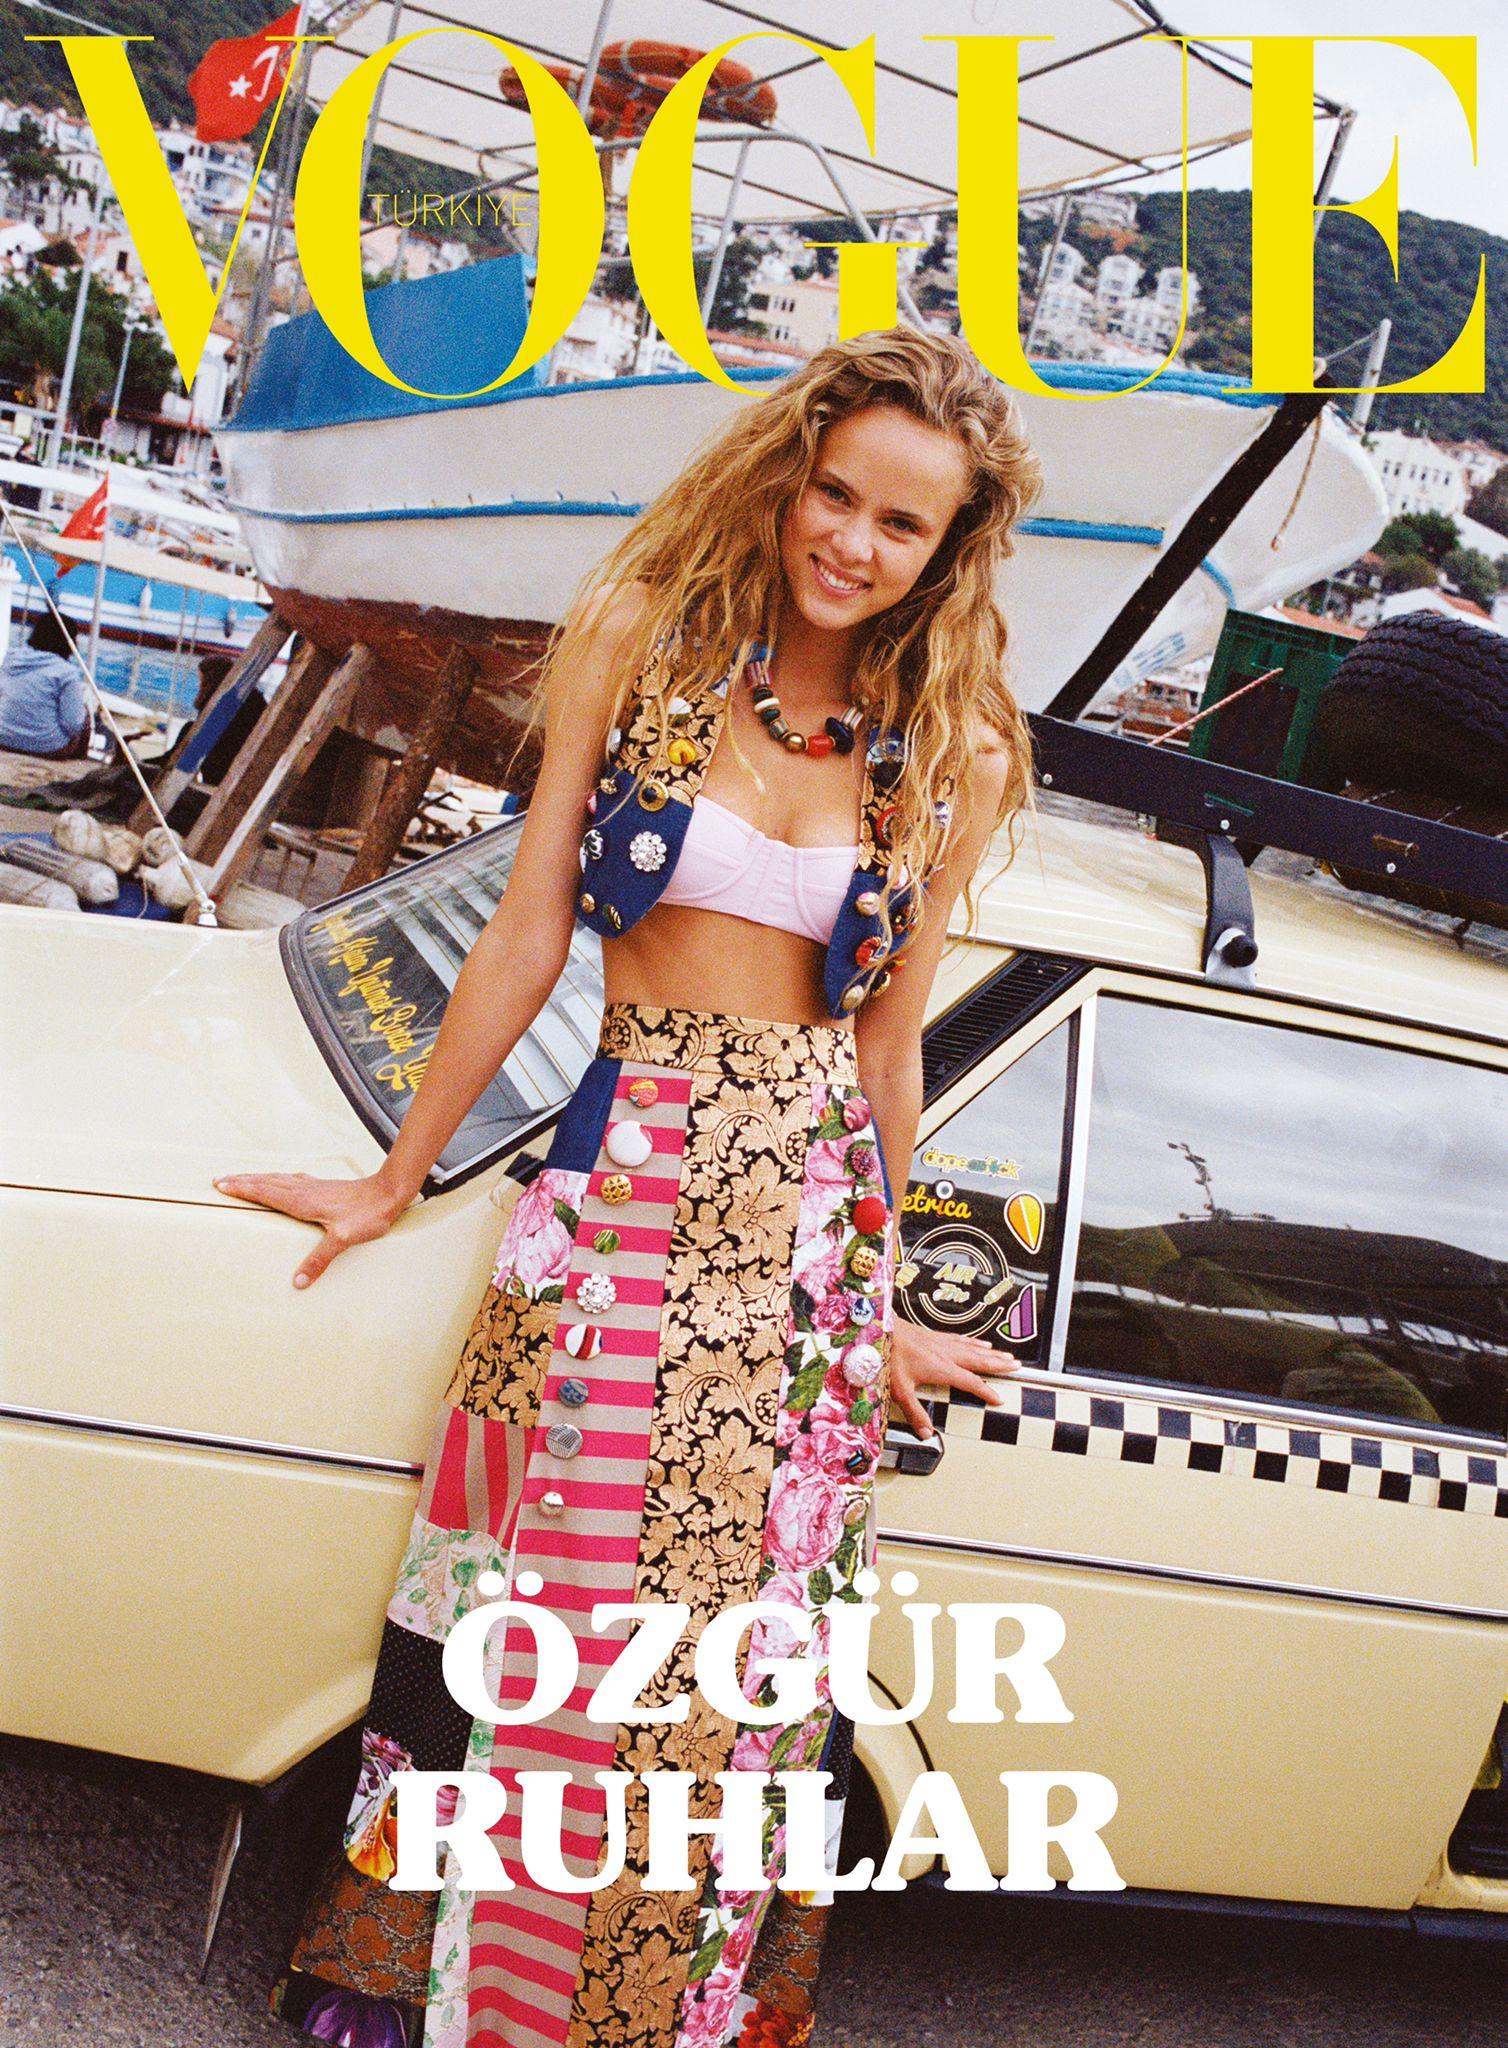 VOGUE 05/21 COVER